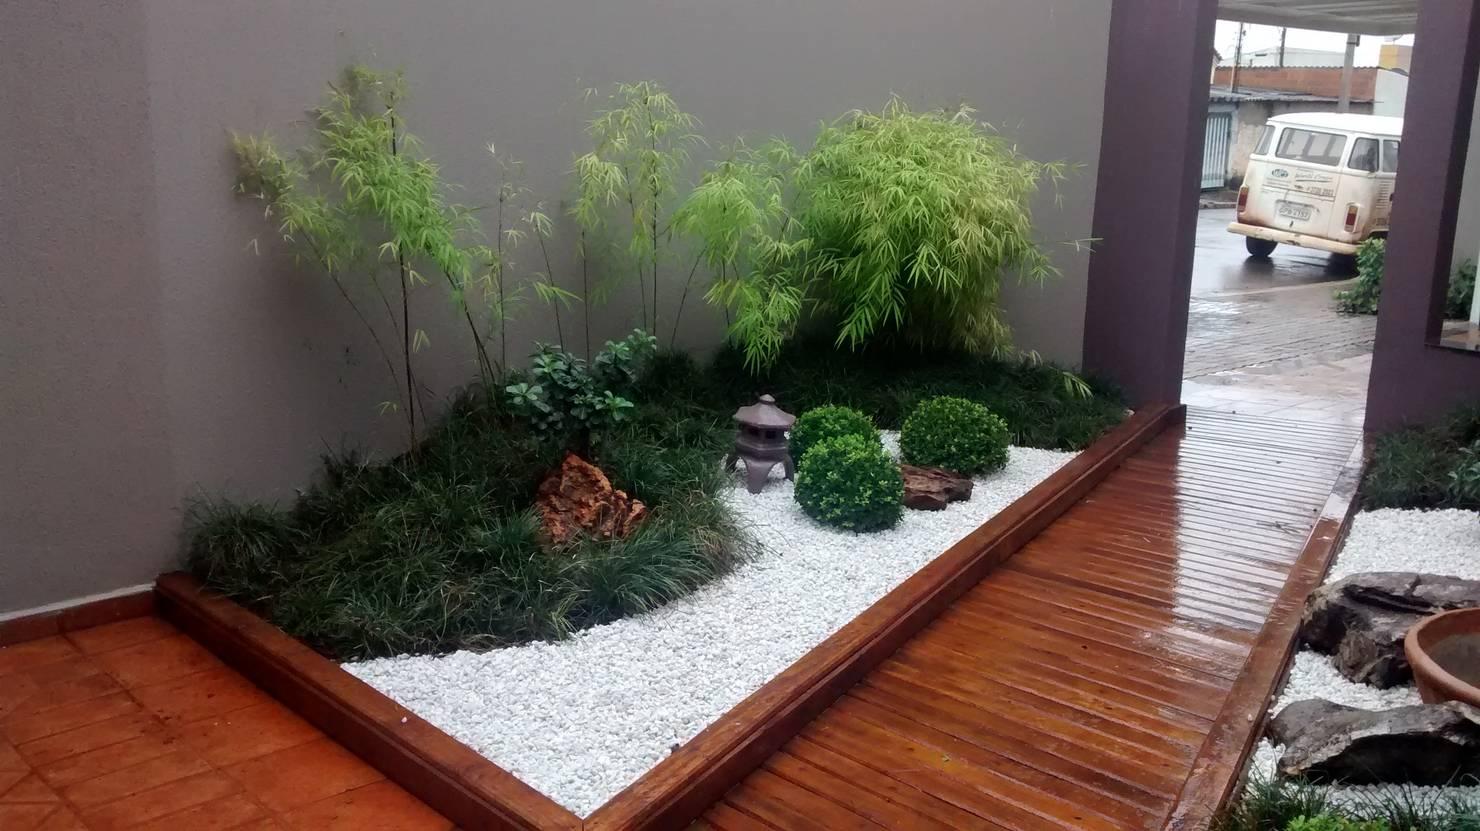 Home improvement: 17 DIY budget garden ideas